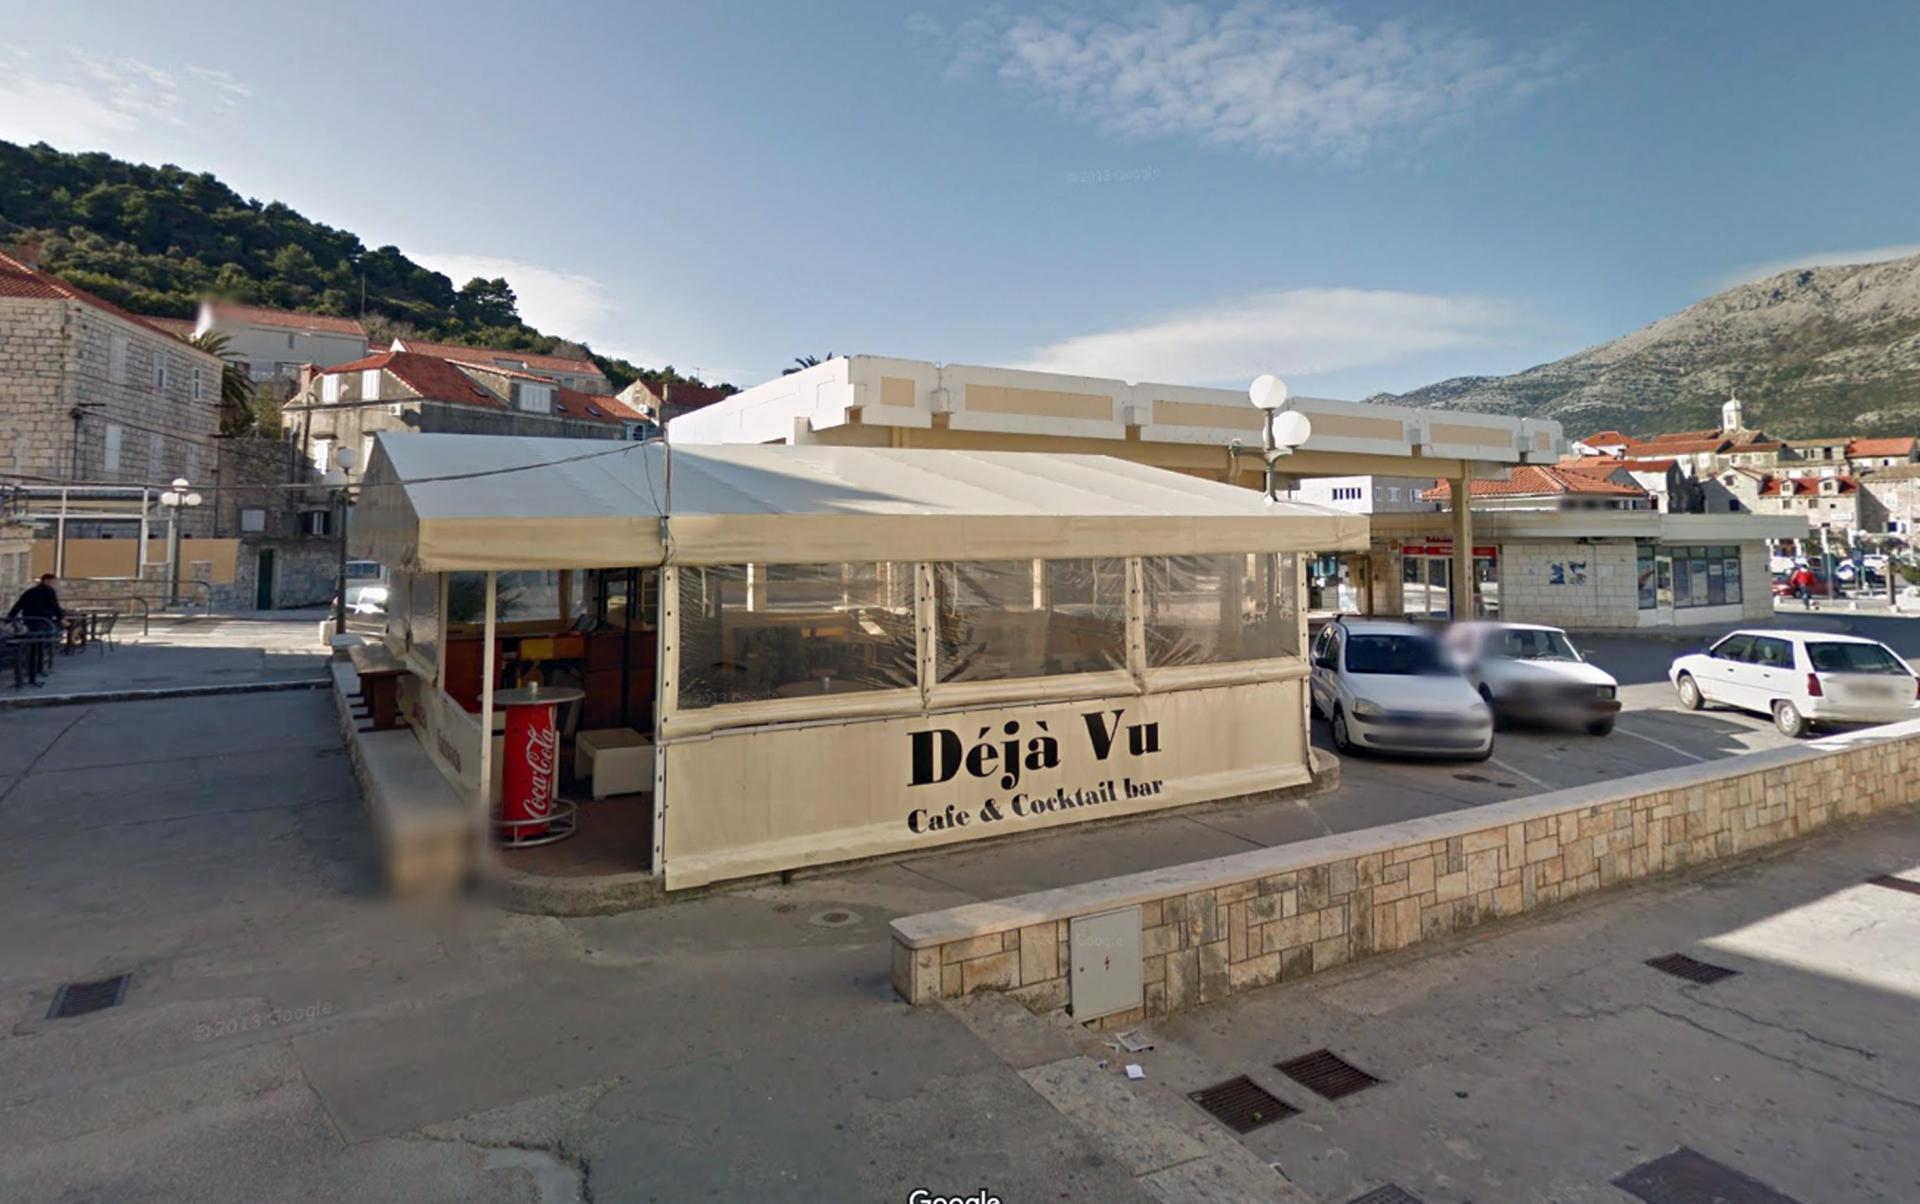 Kafić u kojem se slavilo nakon turnira